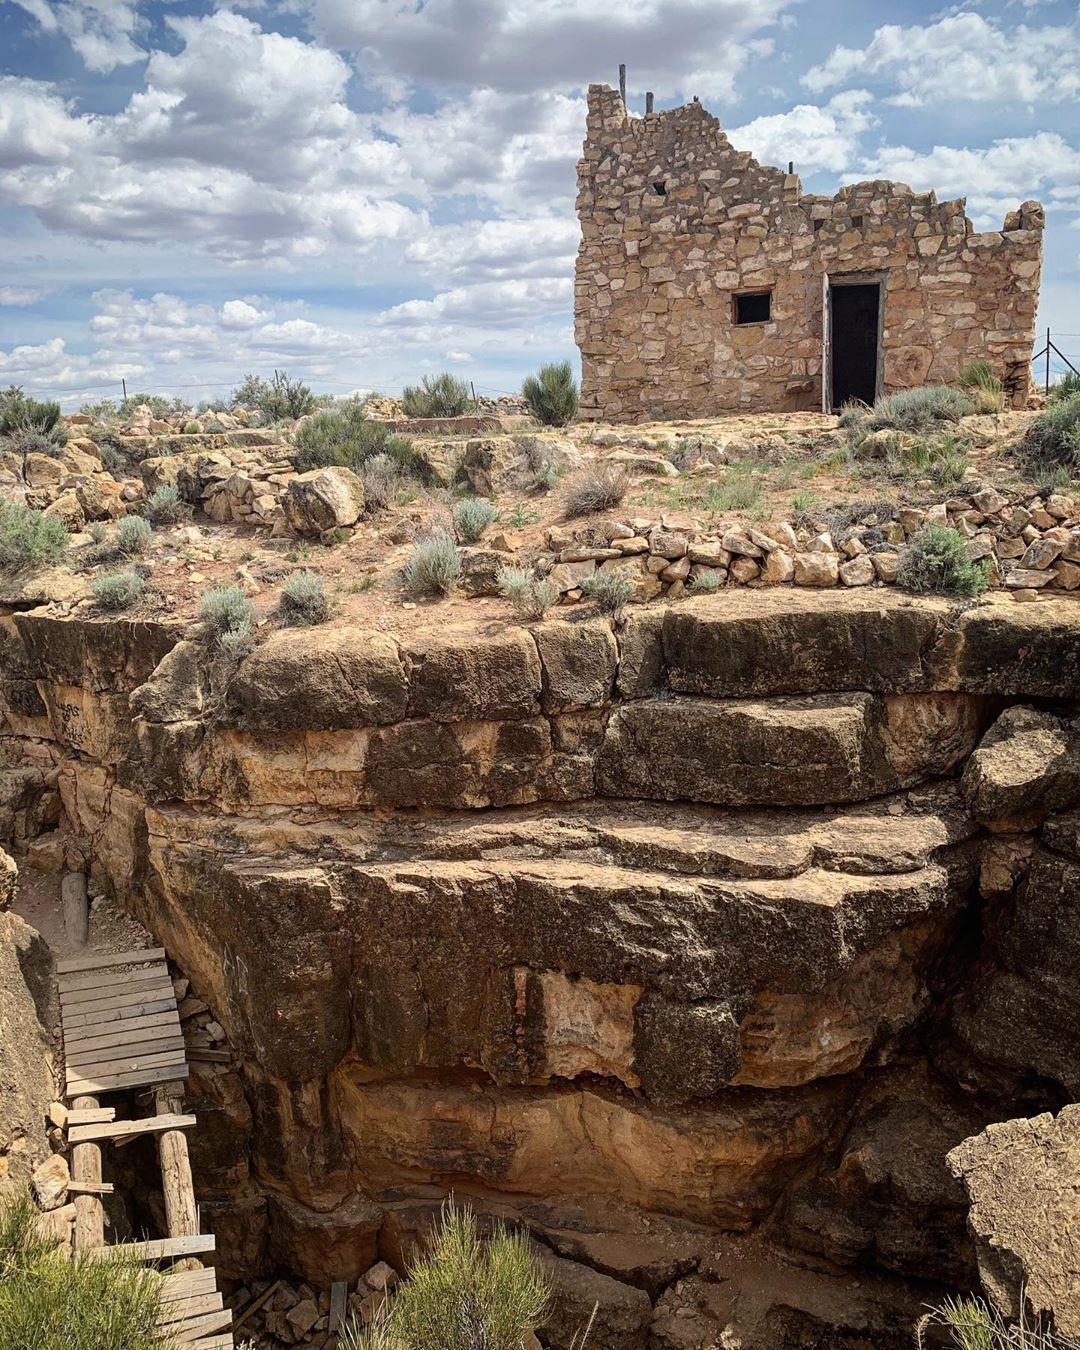 Apache Death Cave az two guns